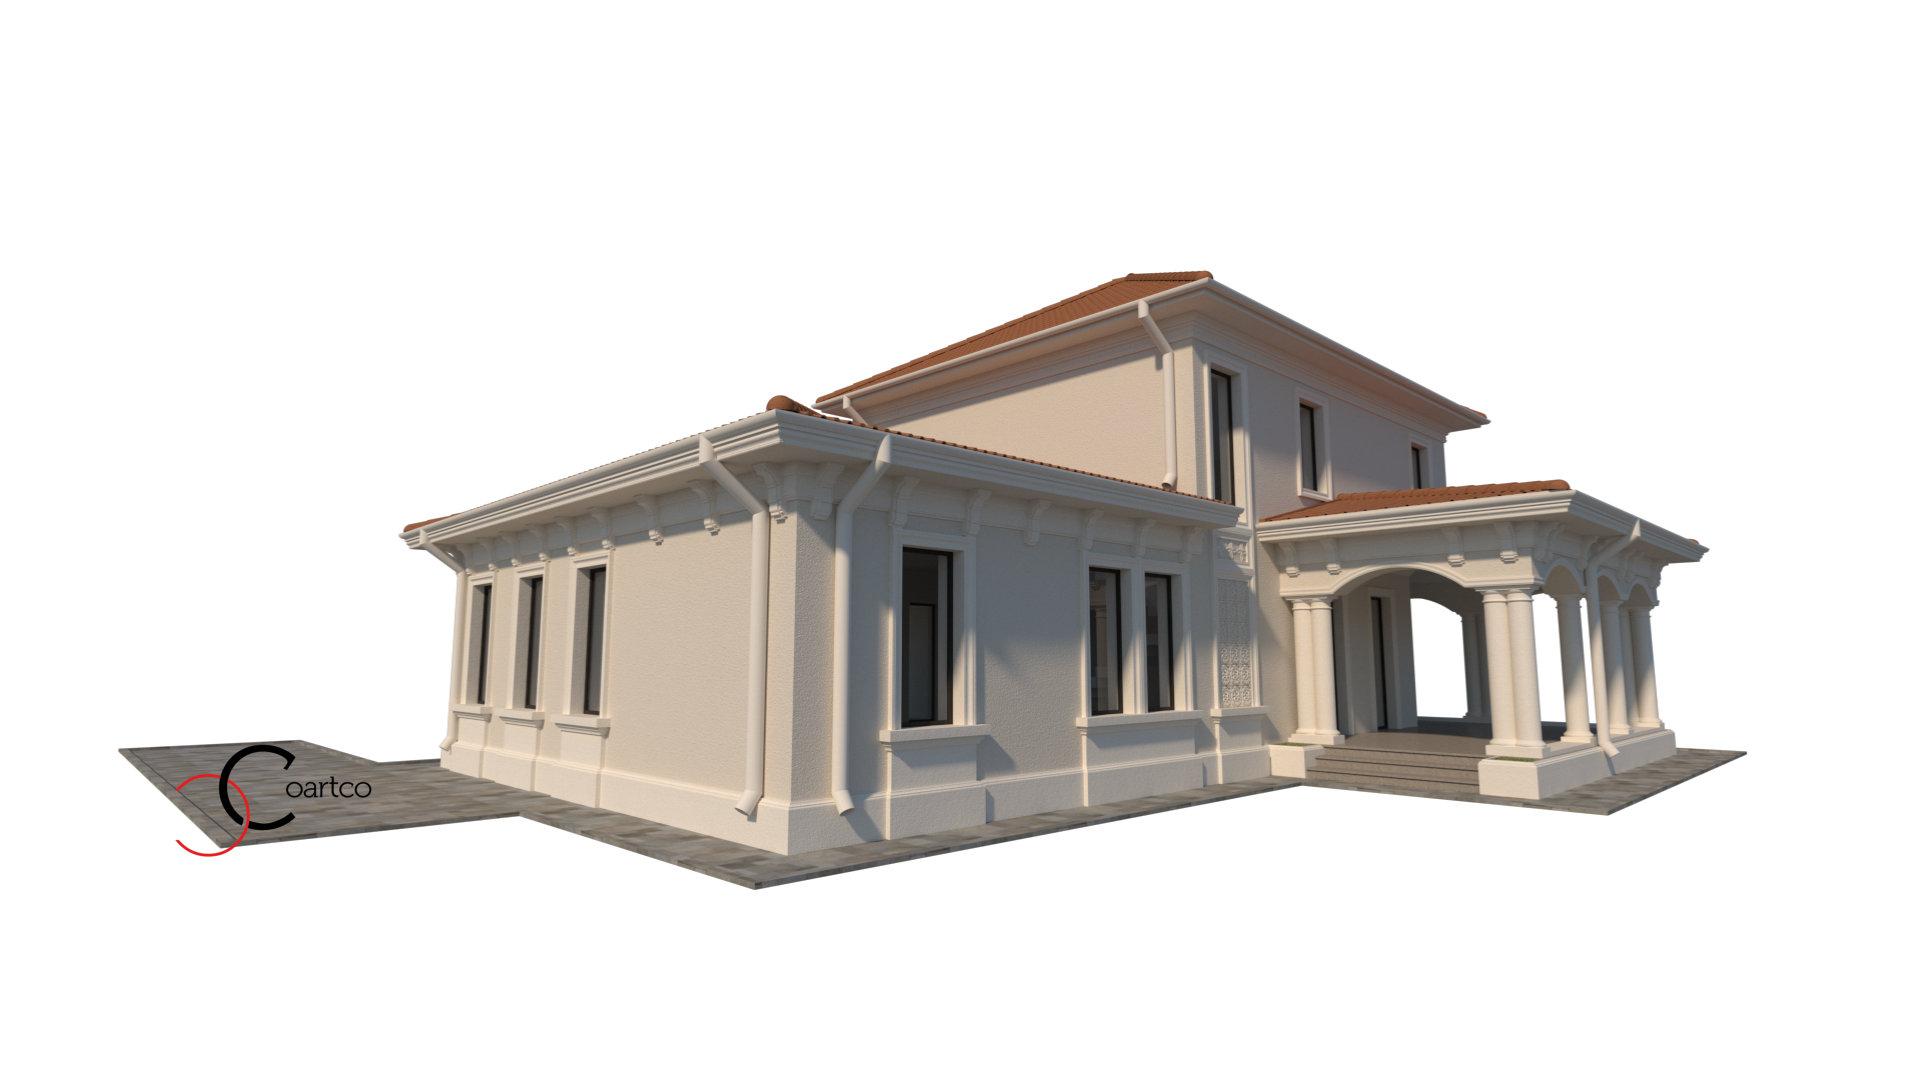 proiect-casa-cu-elemente-decorative-polistiren